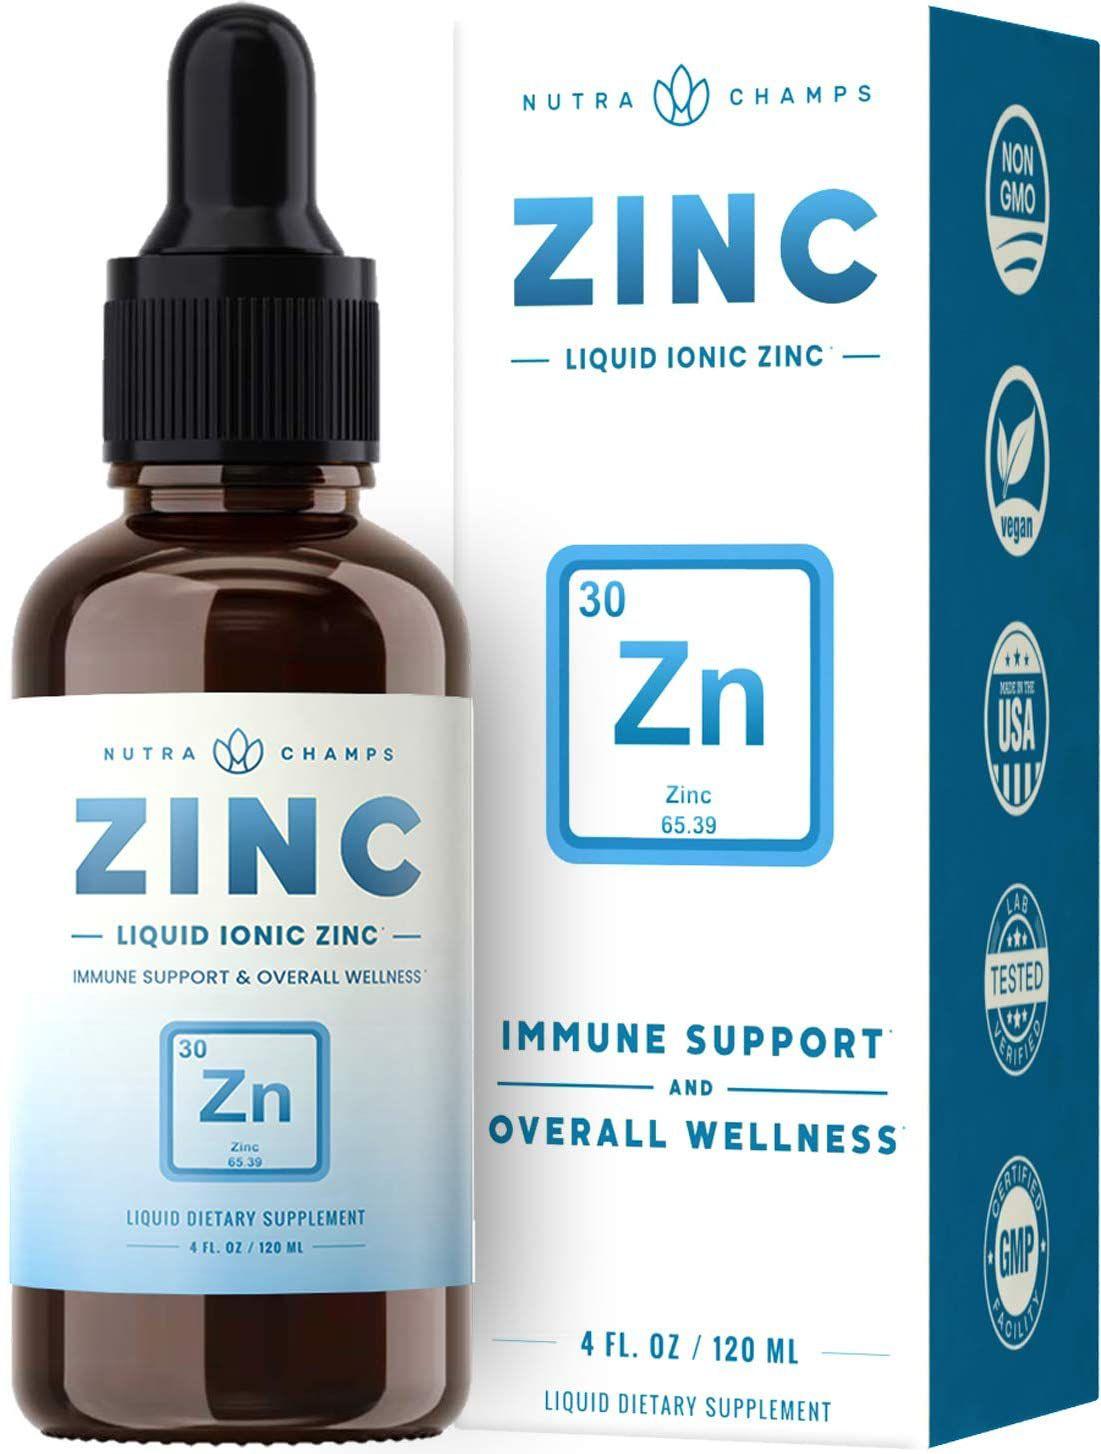 NutraChamps Liquid Ionic Zinc